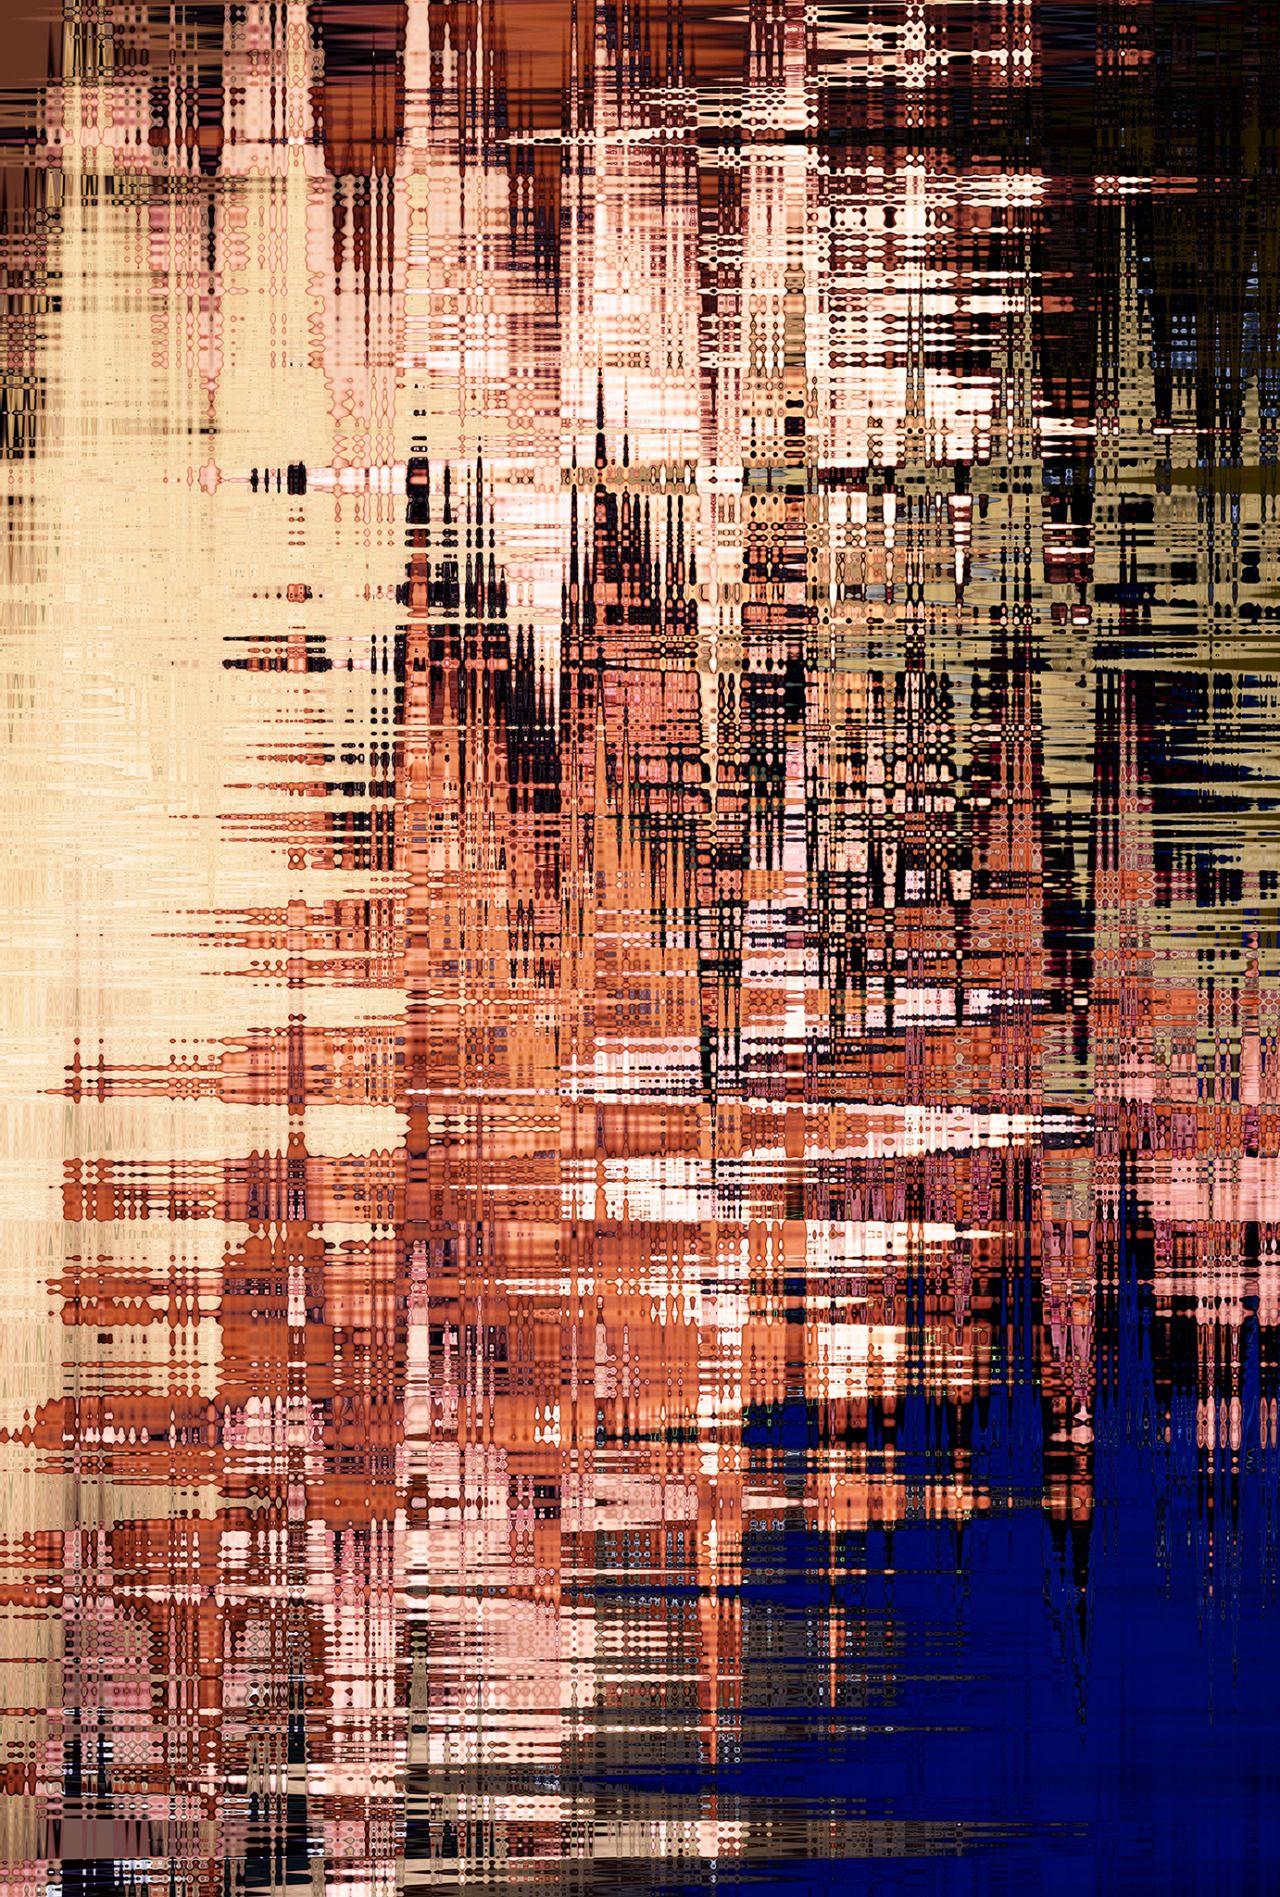 Print: Wave Print V · CEATHRAMH GORM